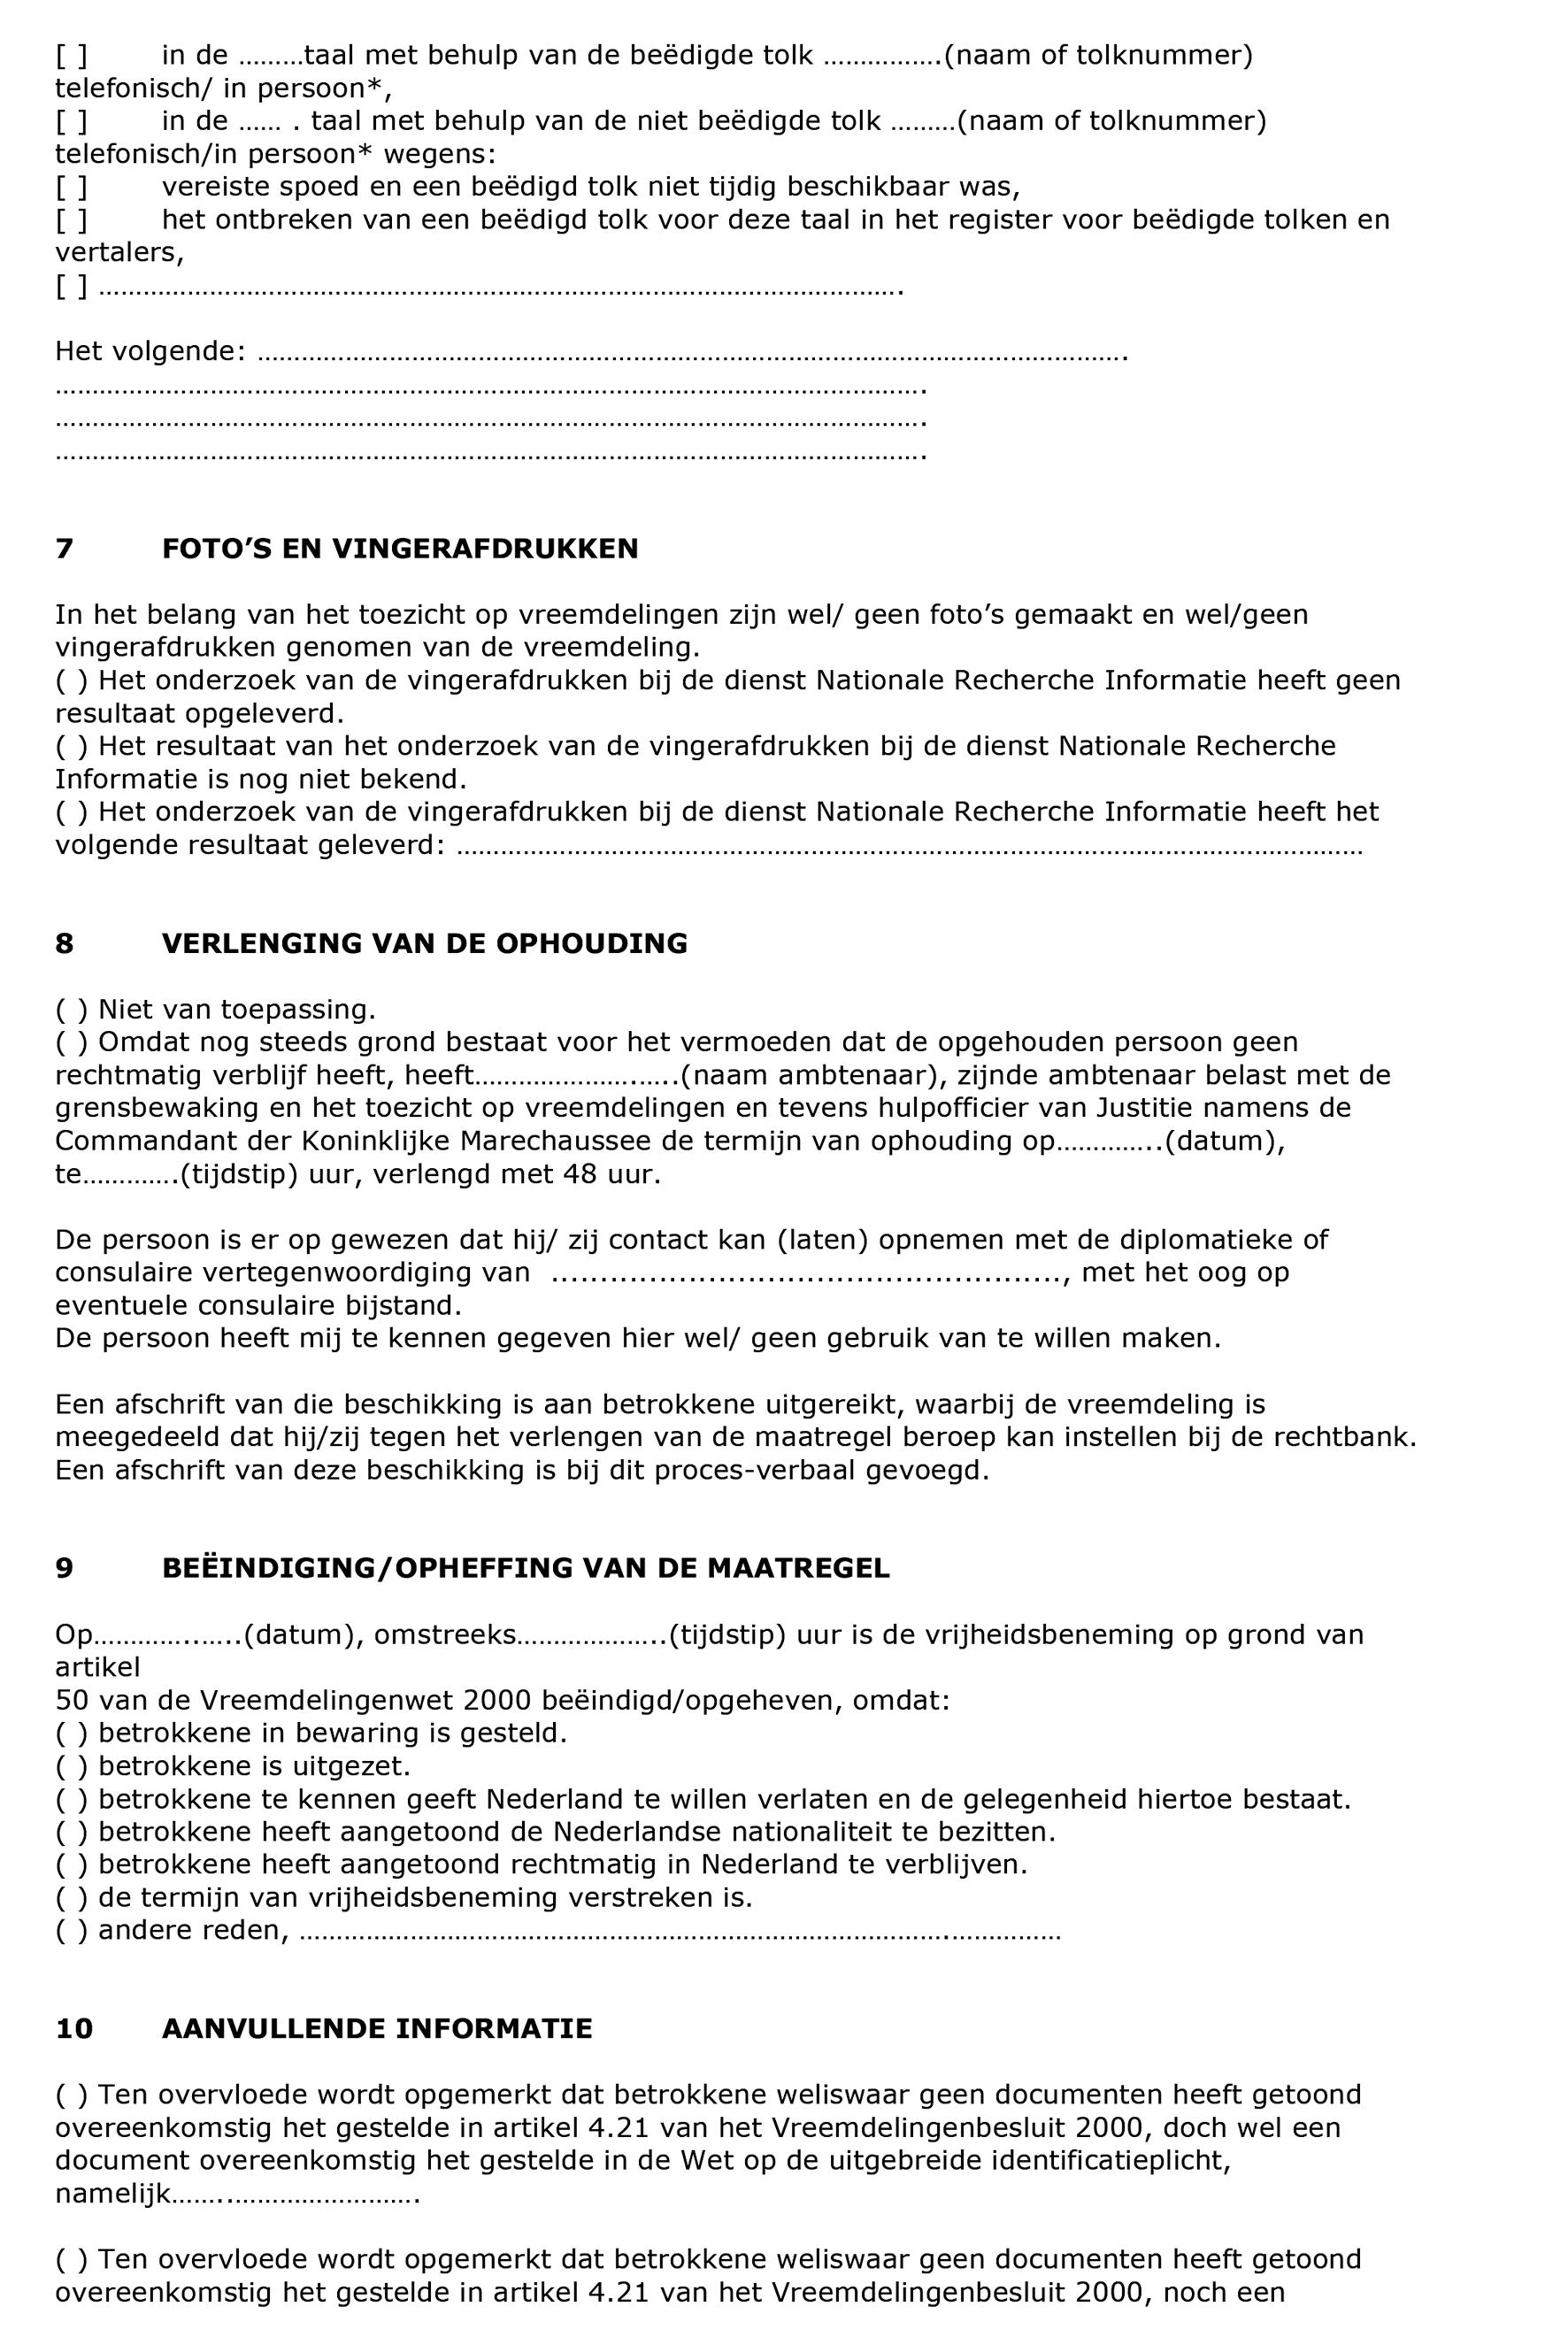 wetten nl - Regeling - Vreemdelingencirculaire 2000 (A) - BWBR0012287